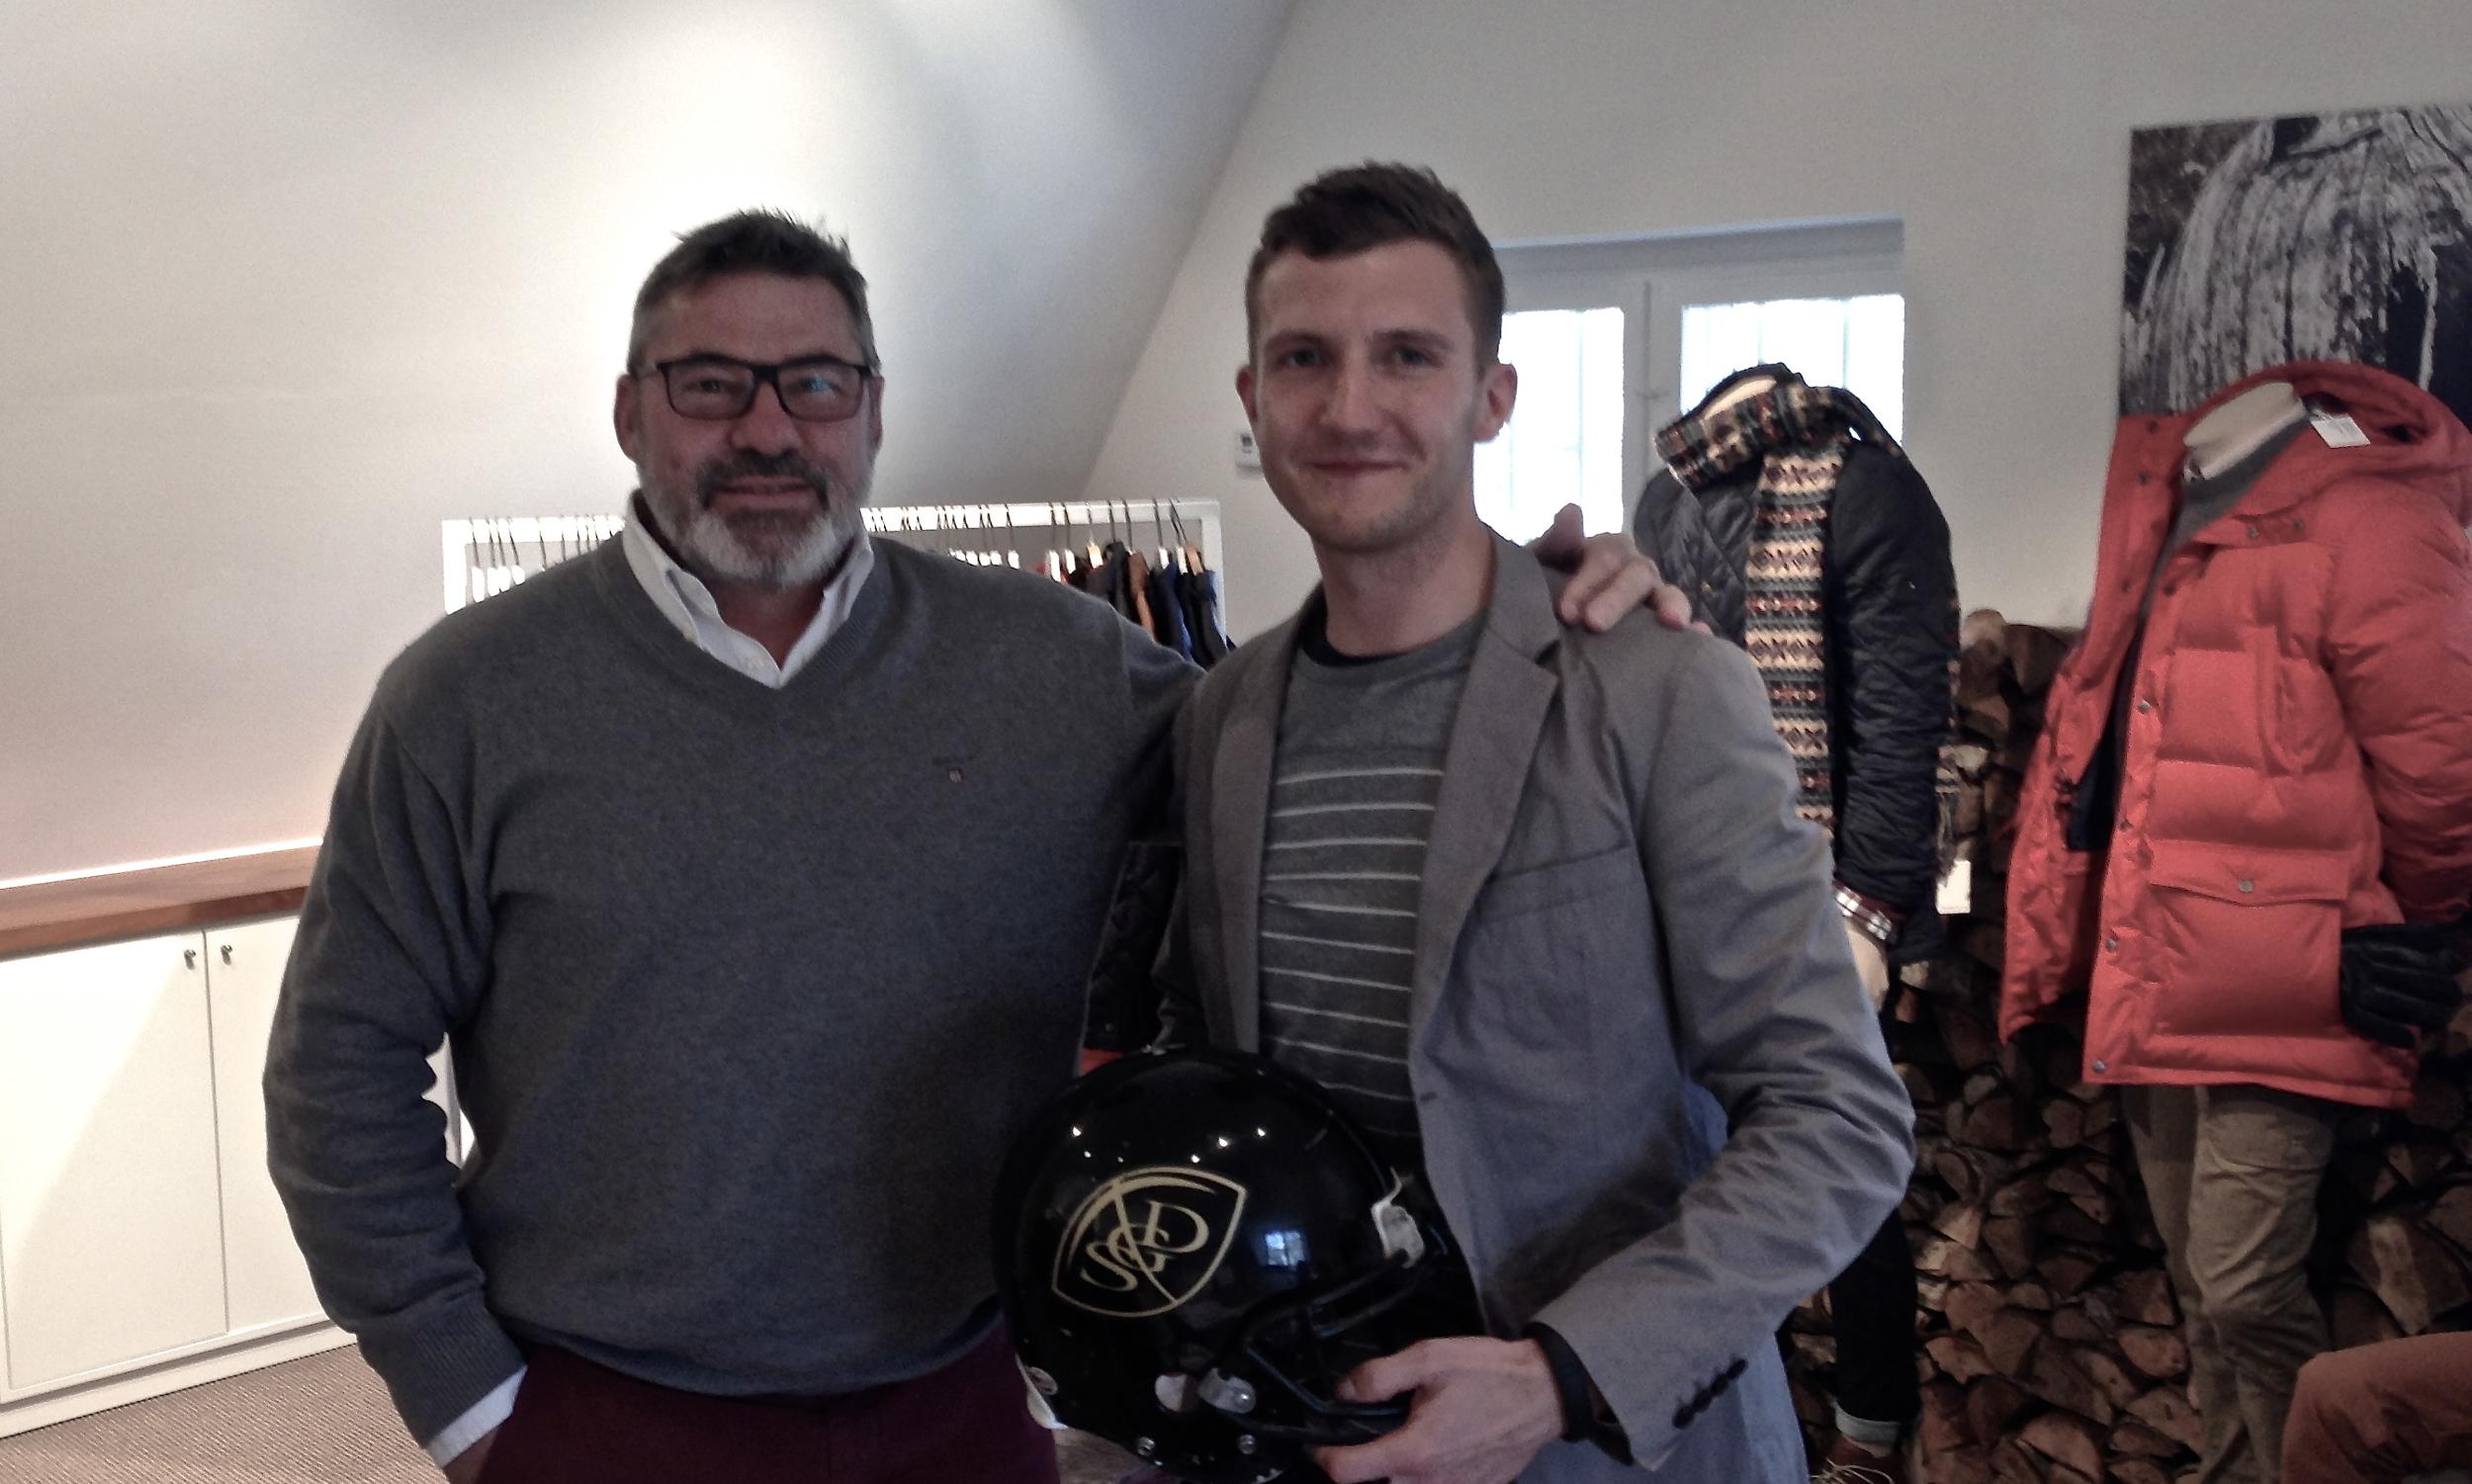 GANT Direktør Jens Schirmer og Sponsoransvarlig for Gold Diggers Kristian Christensen